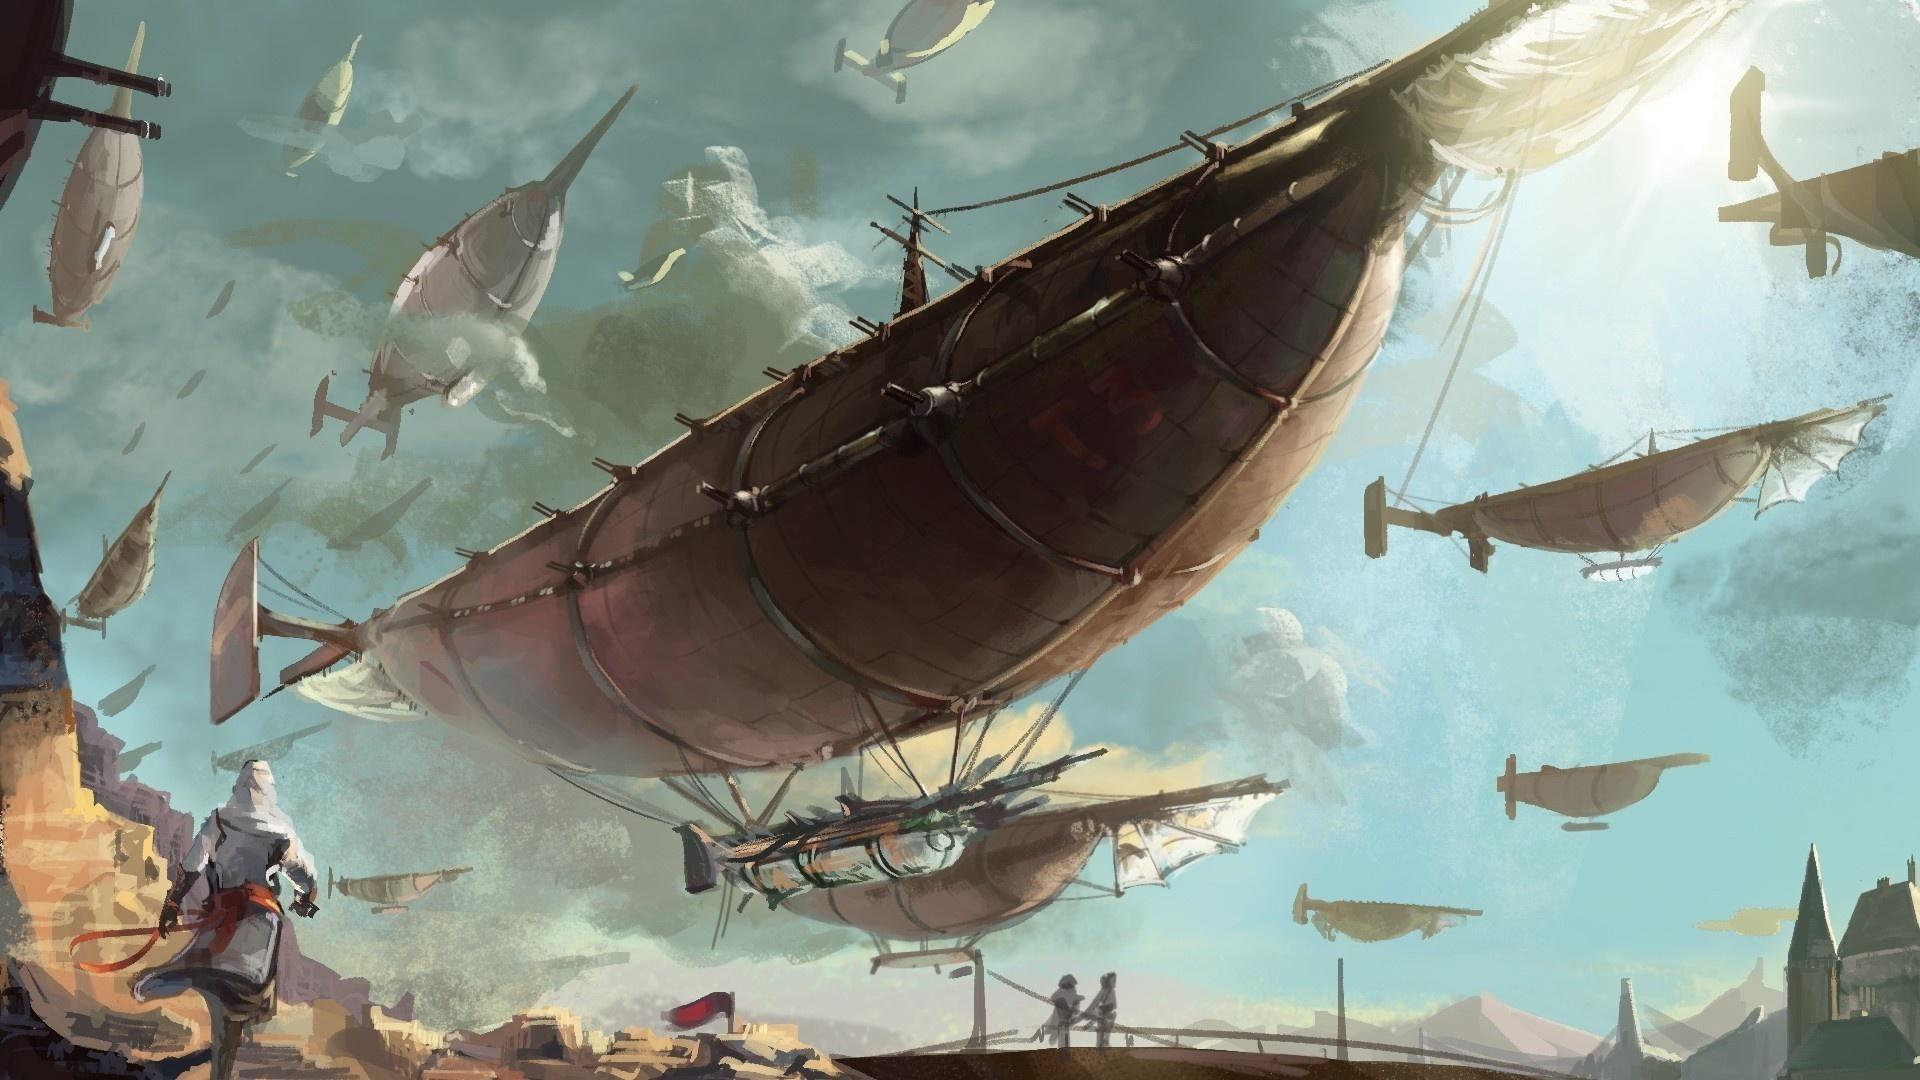 Airship Art wallpaper for desktop